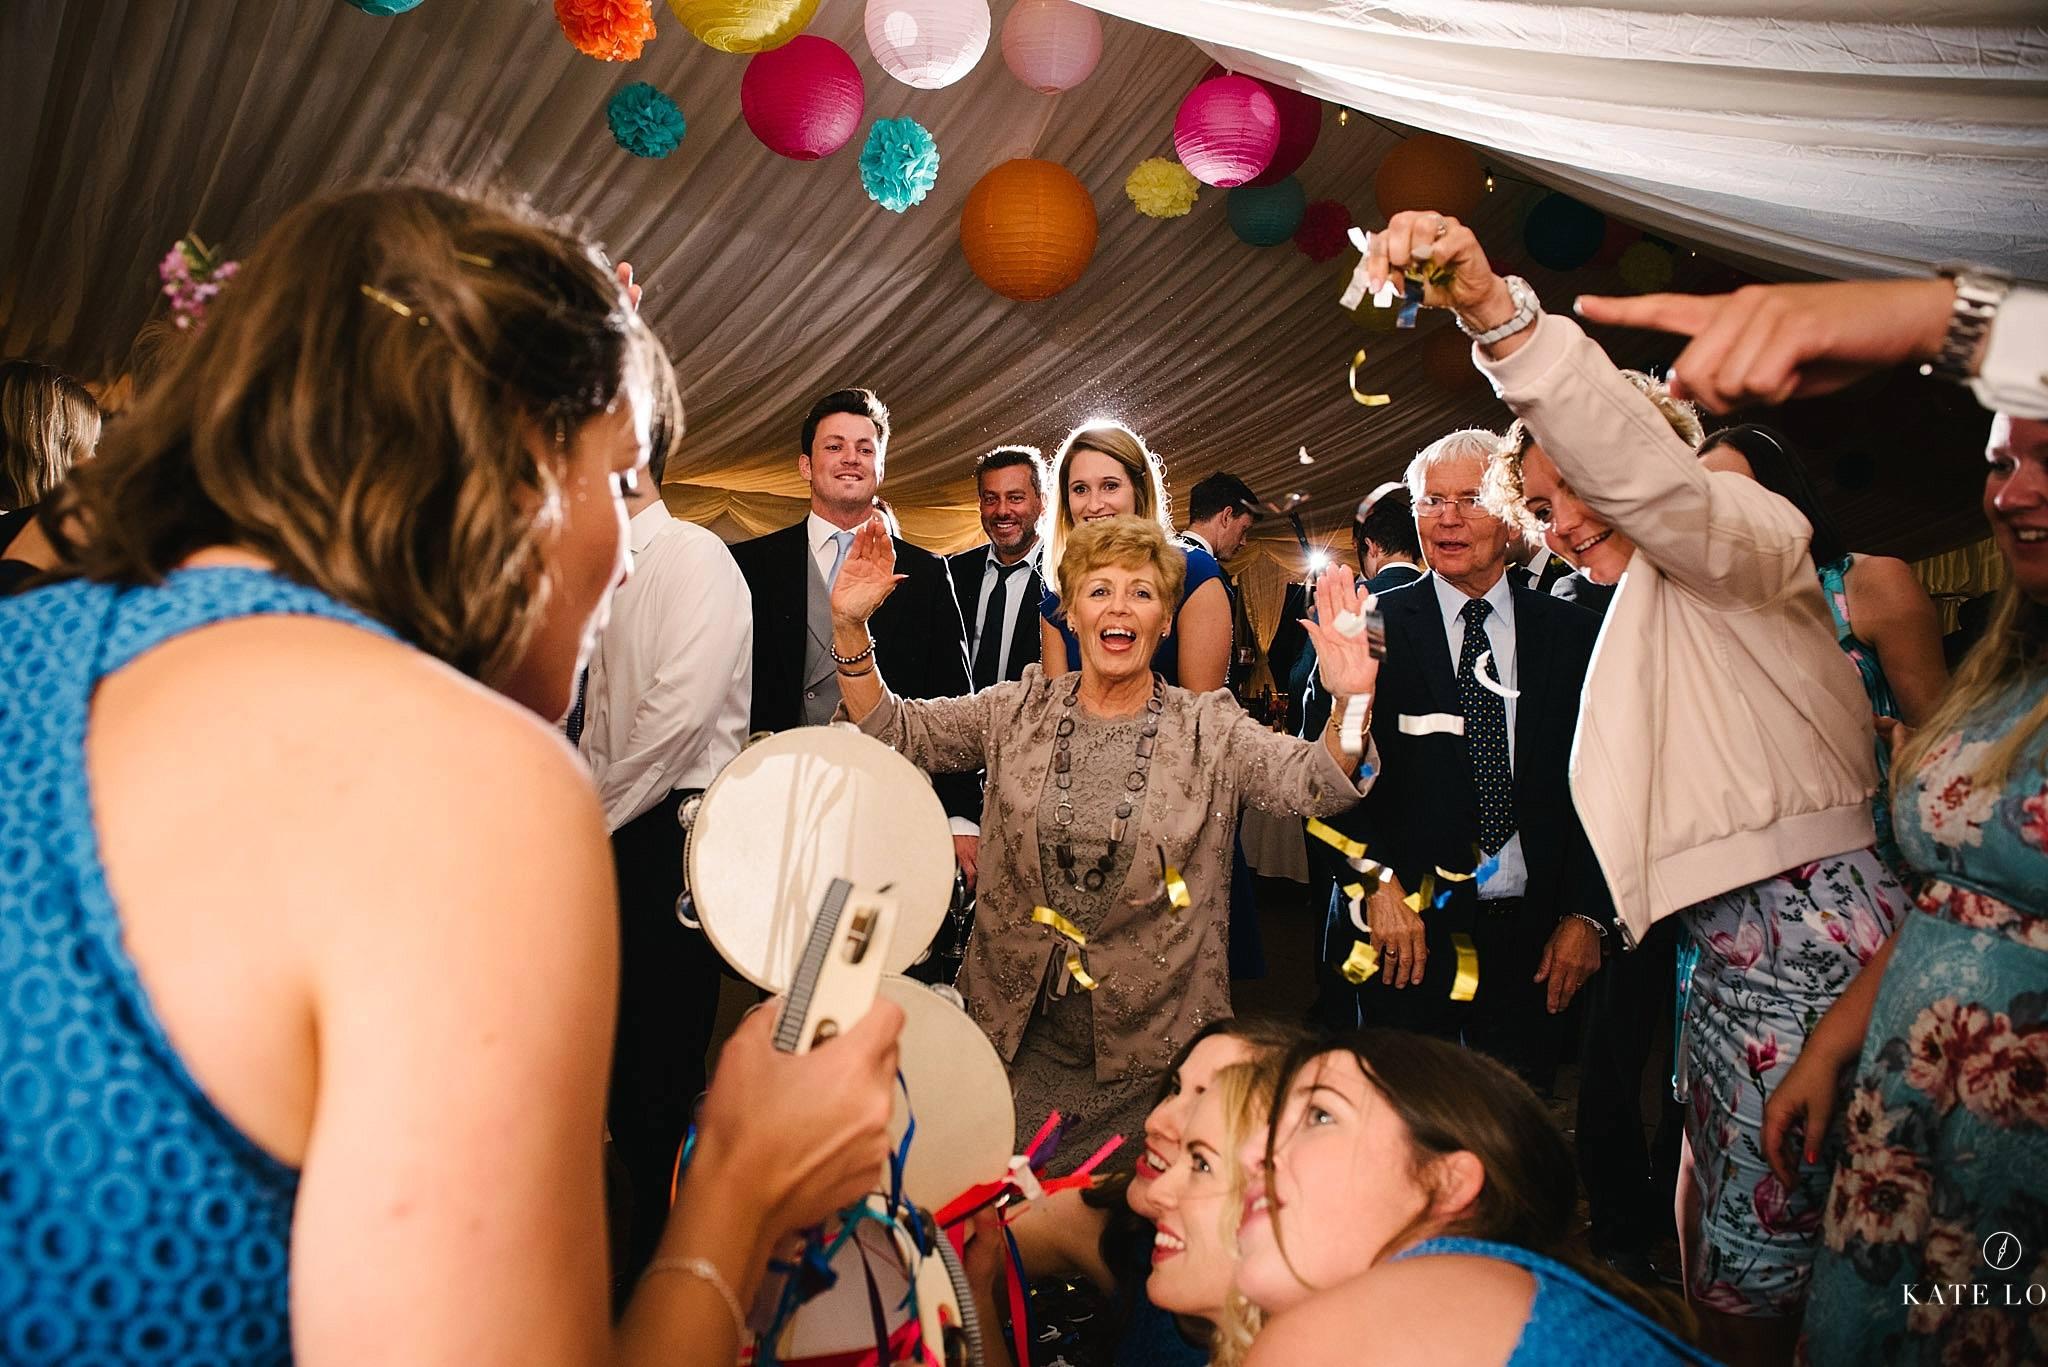 dansgolvet på engelskt bröllop i Surrey